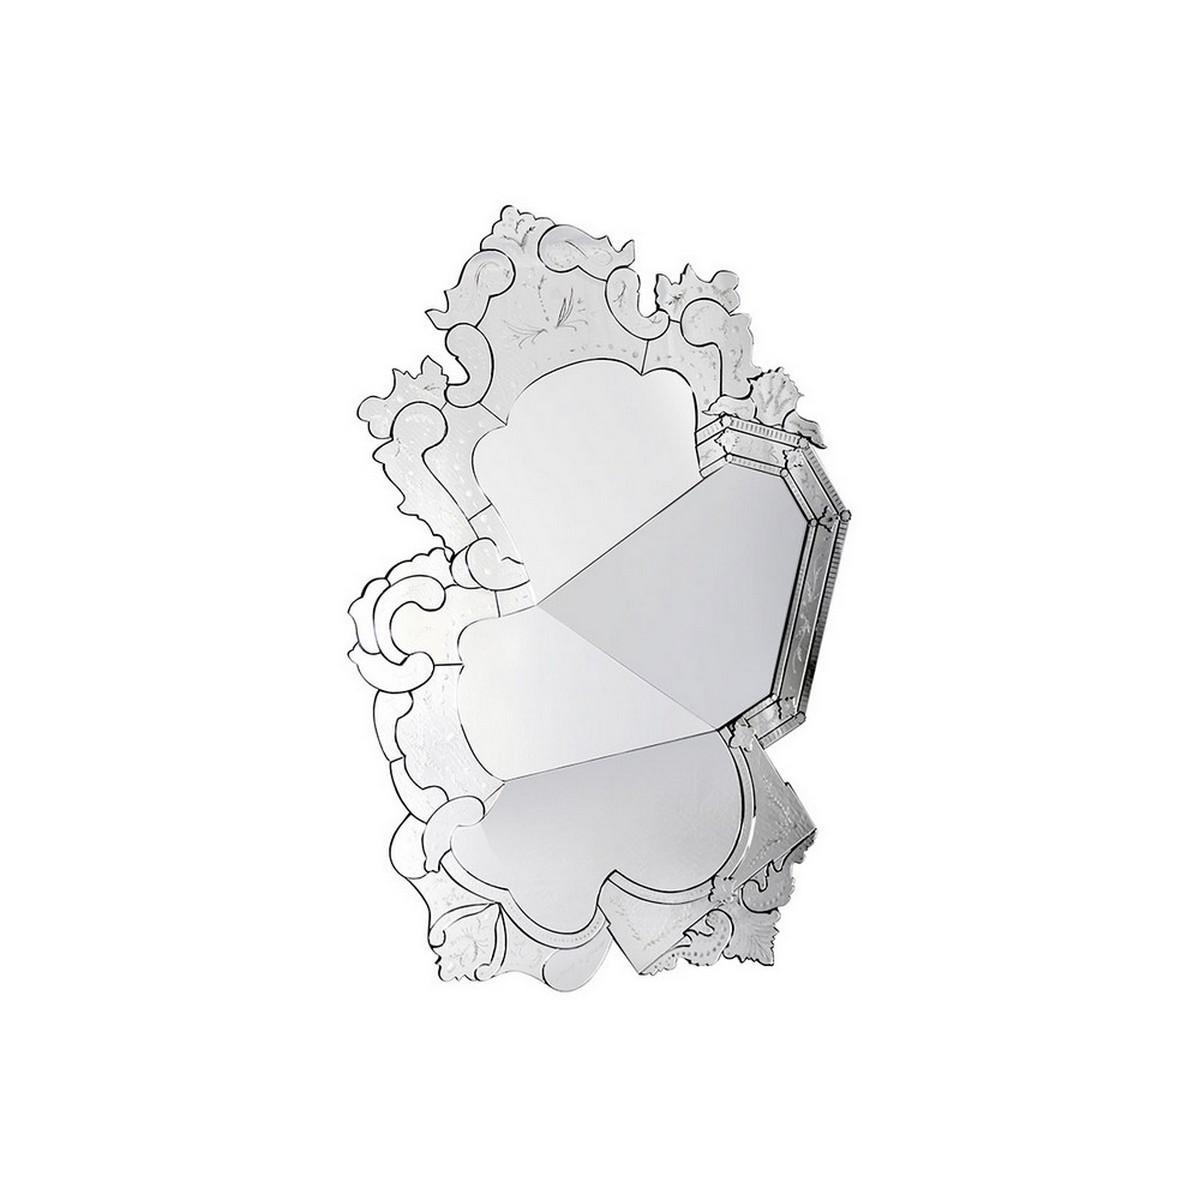 Diseño de Espejos para un proyecto contemporaneo y lujuoso de Comedor [object object] Diseño de Espejos para un proyecto contemporaneo y lujuoso de Comedor venice mirror boca do lobo 01 1